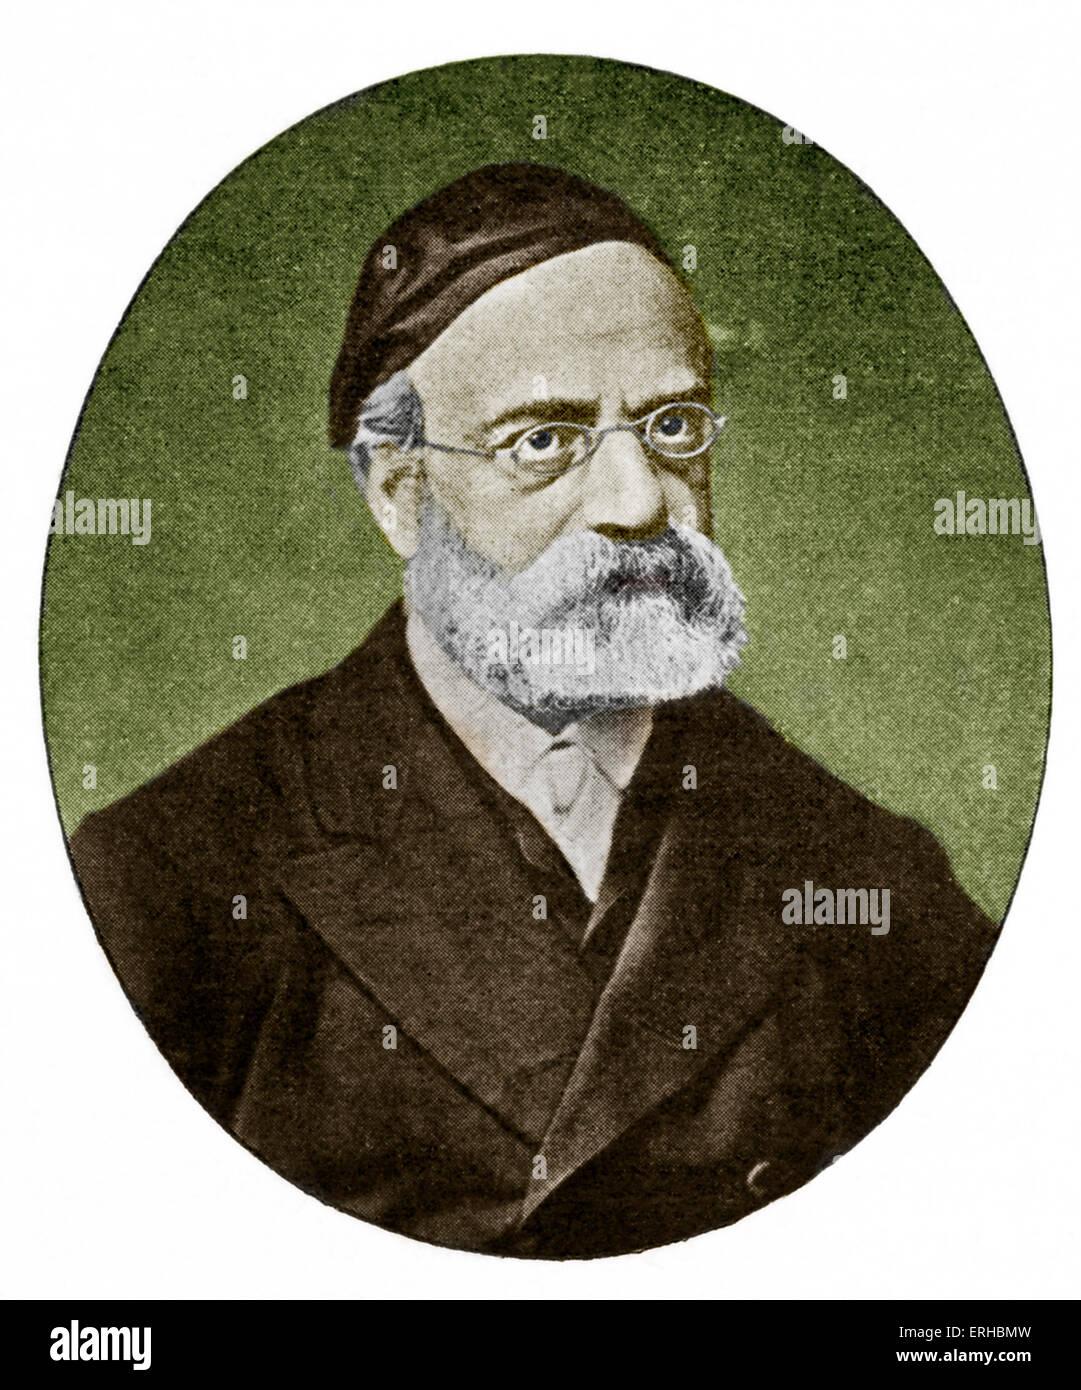 Rabbi Samson Raphael Hirsch - intellectual founder of the Torah im Derech Eretz. 20 June 1808 - 31 December 1888. - Stock Image